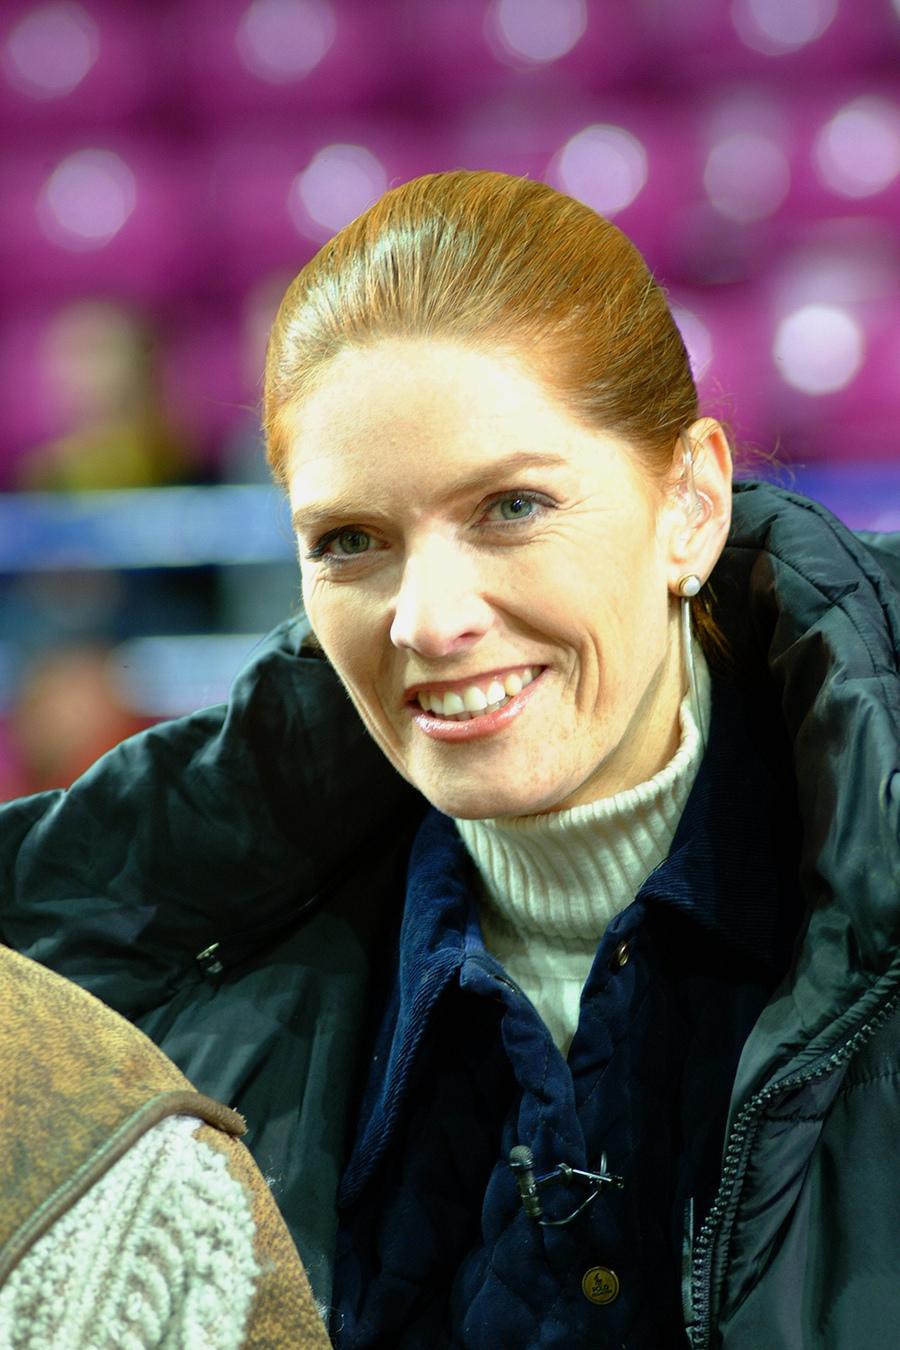 Gwiazdy telewizji sprzed lat  - Katarzyna Dowbor